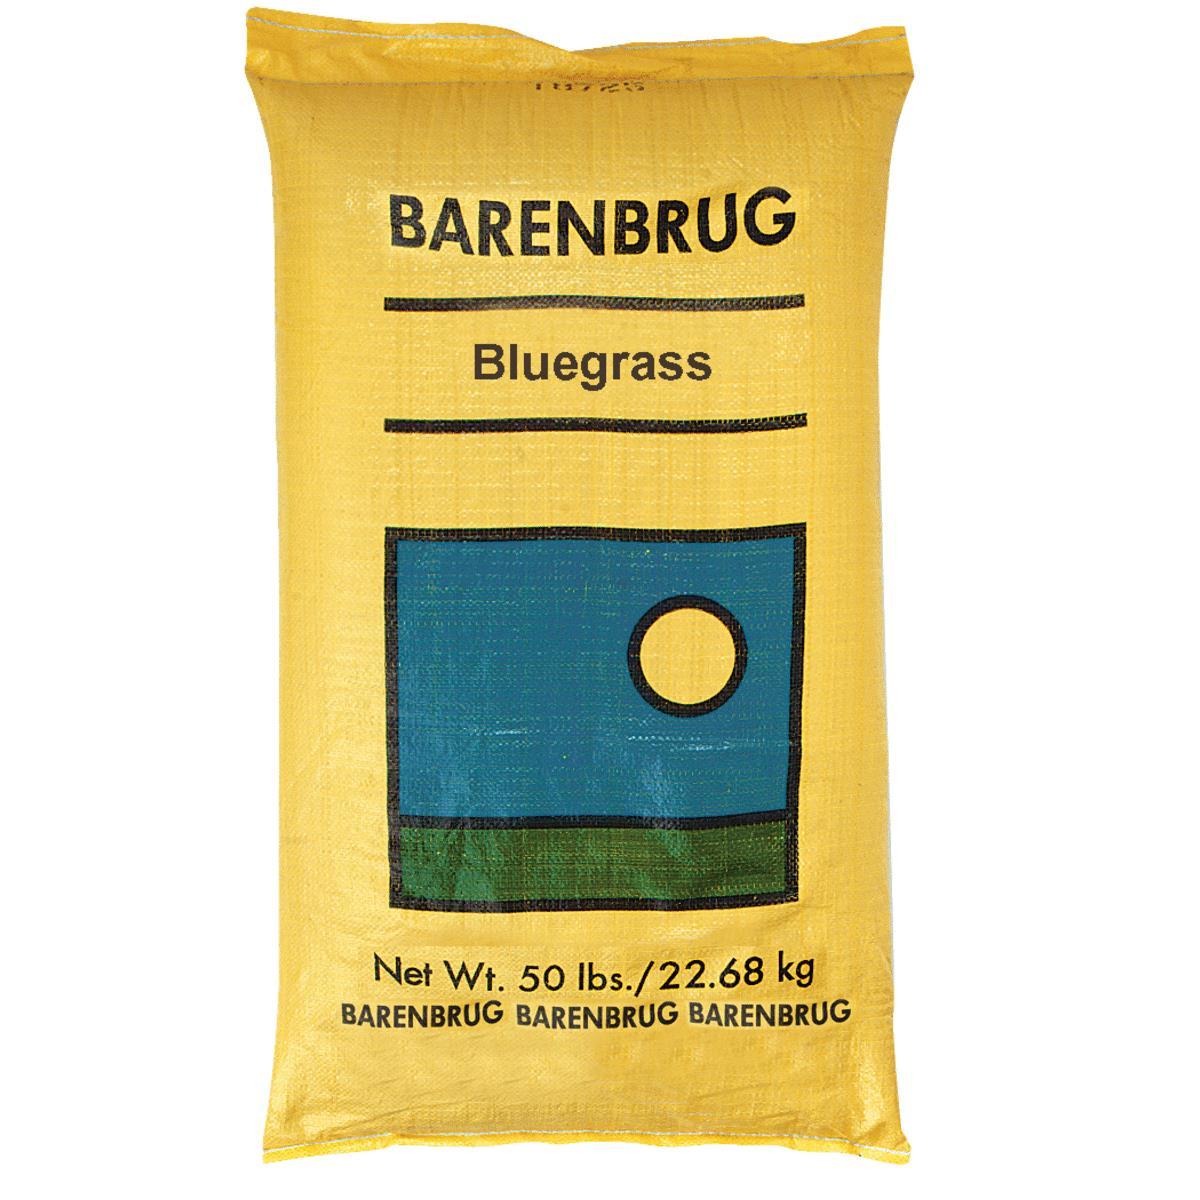 Barenbrug Wonderlawn Kentucky Bluegrass Grass Seed